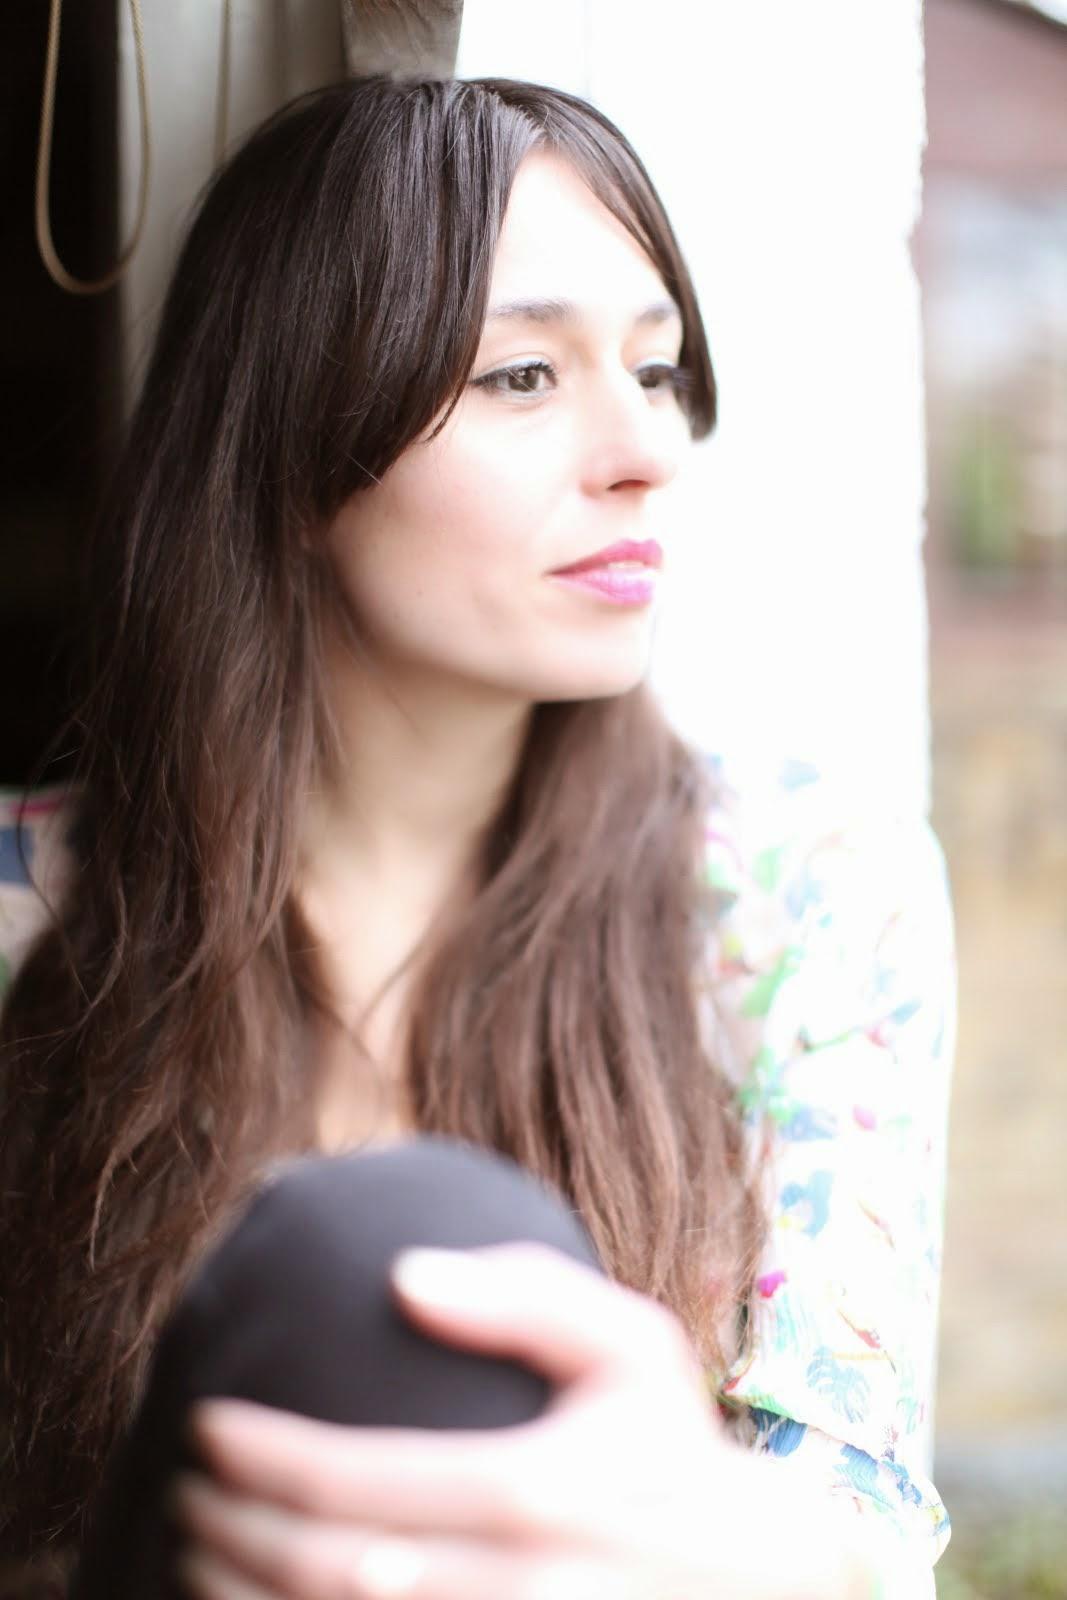 Zuza Zak